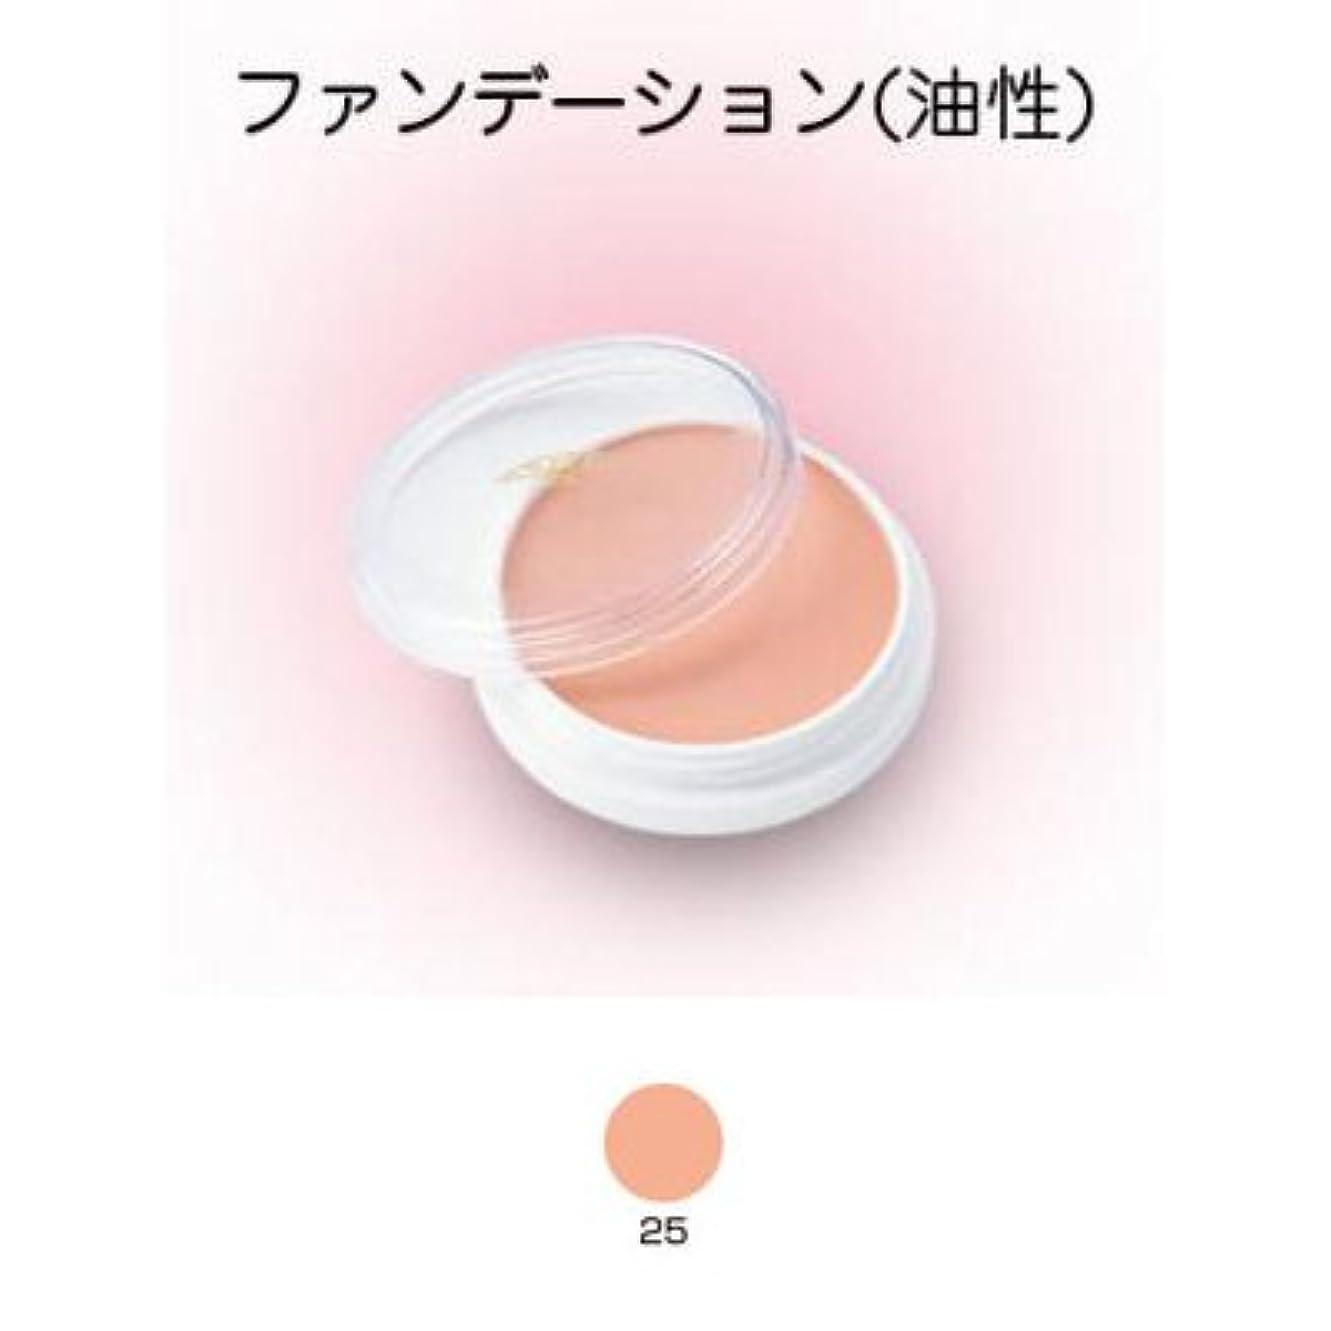 野菜検査レタスグリースペイント 8g 25 【三善】ドーラン